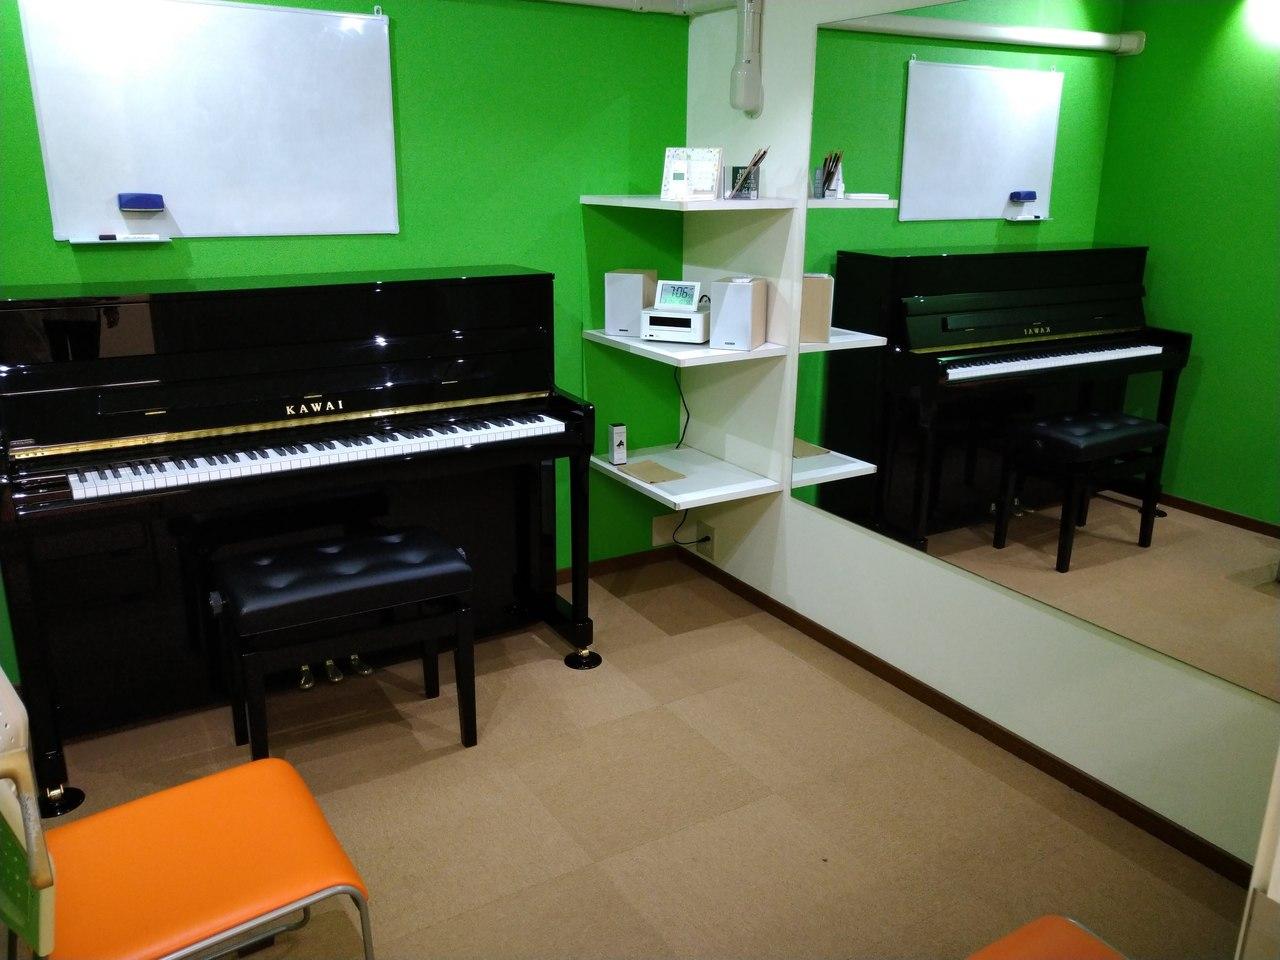 【レンタルスタジオ】楽器の練習、録画録音、レッスン、会議などに使えます!